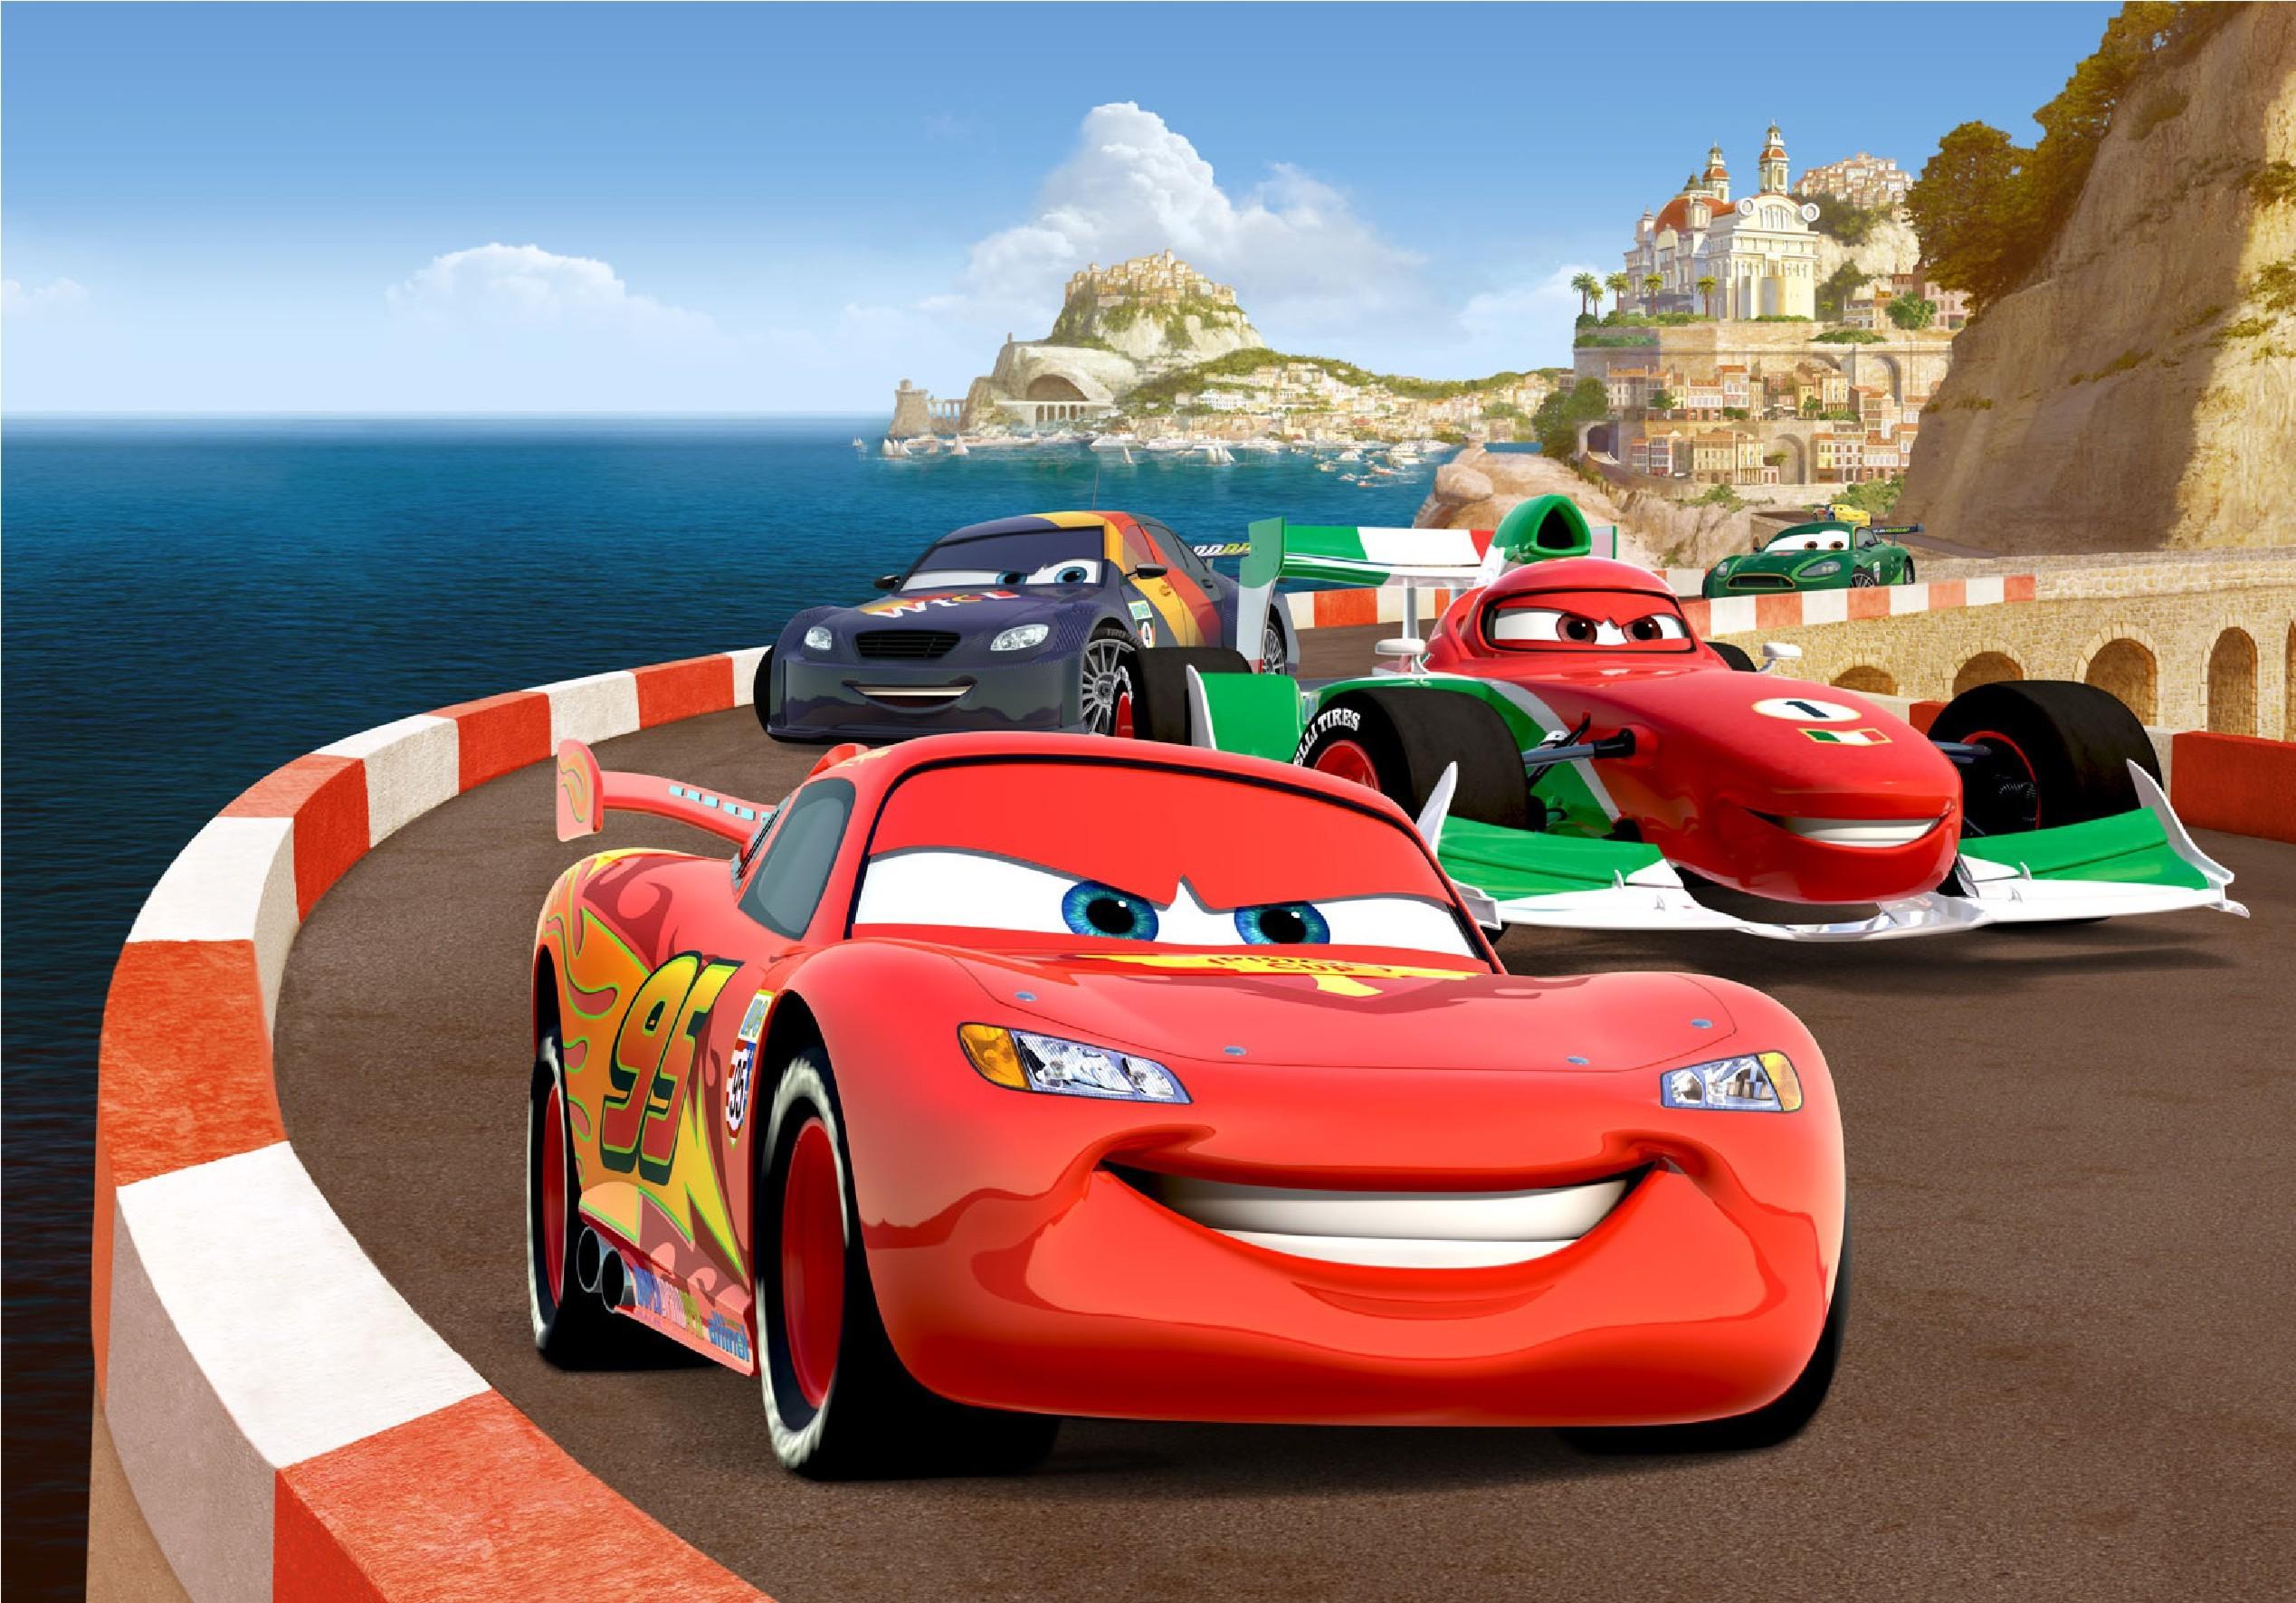 Disney Pixar Cars Wallpapers Free Download Wallpaper Cars Cartoon 62 Images